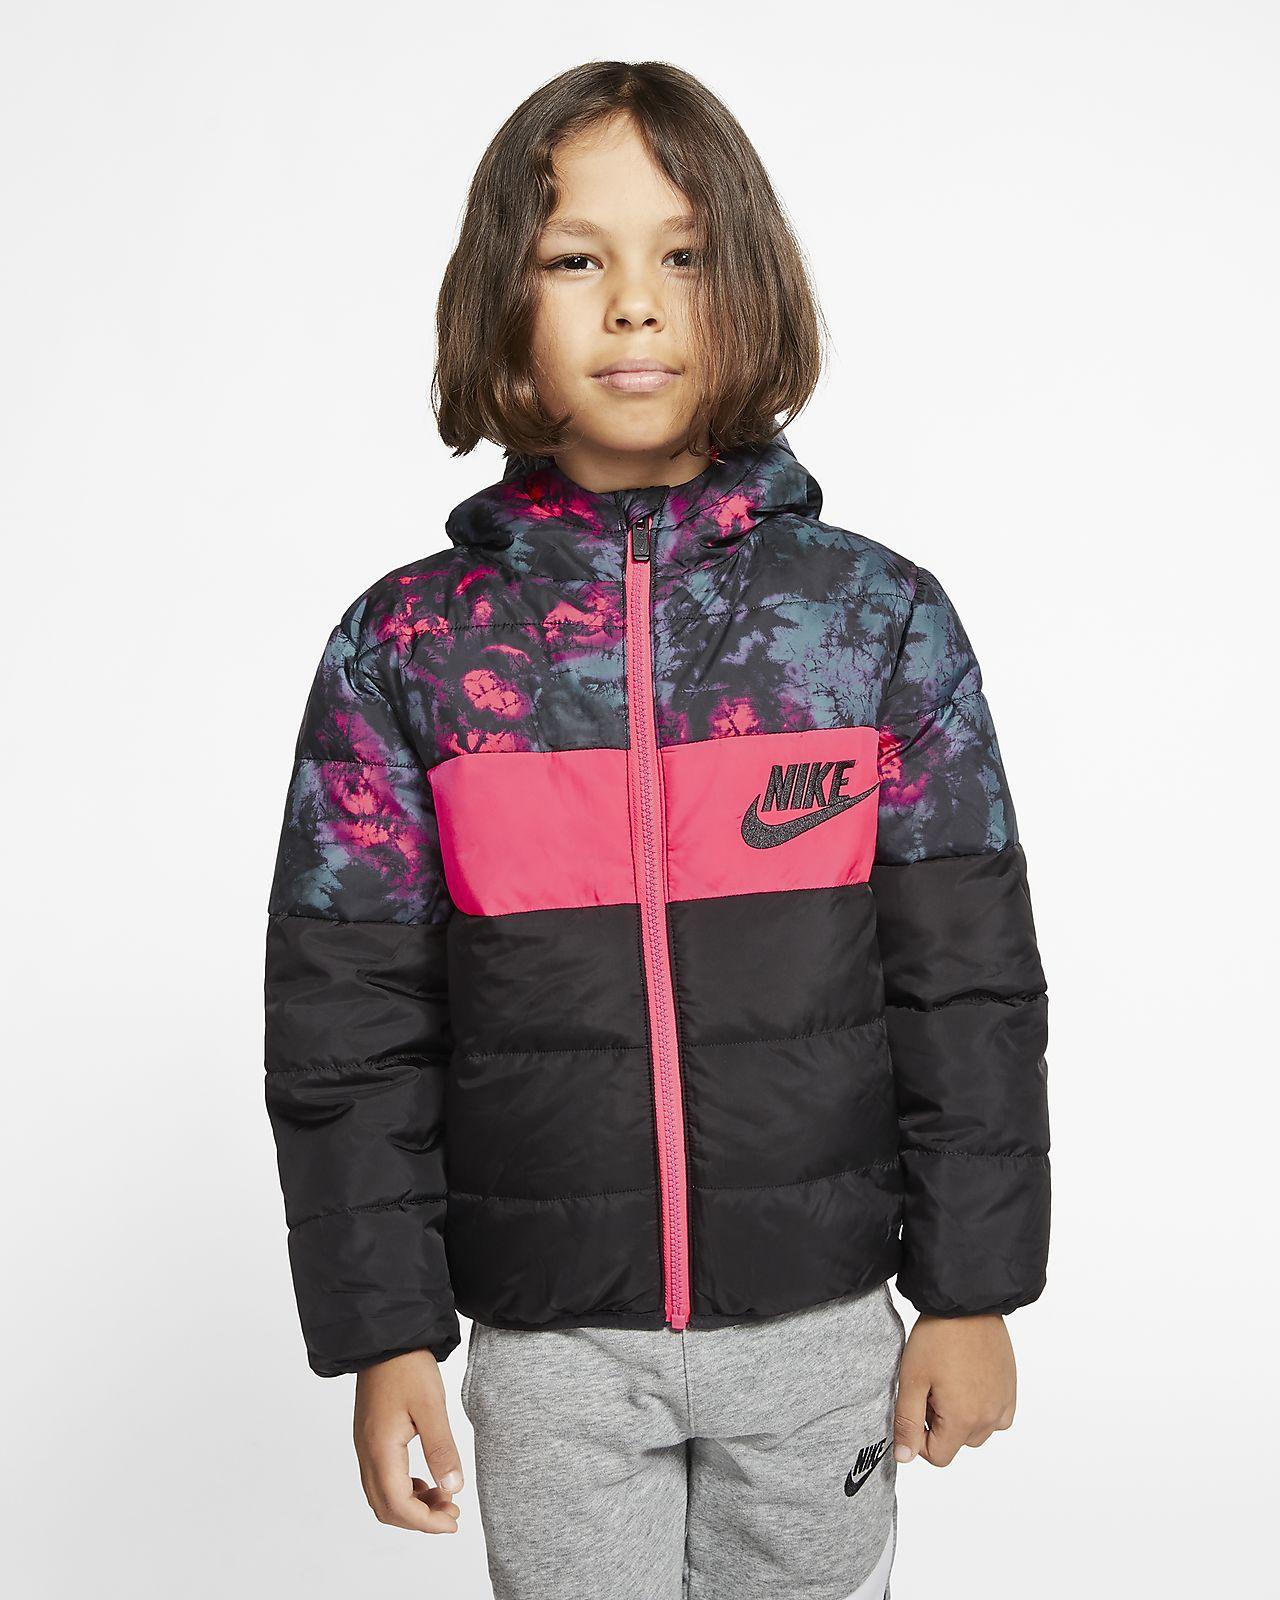 Μπουφάν με φερμουάρ σε όλο το μήκος Nike Sportswear για μικρά παιδιά